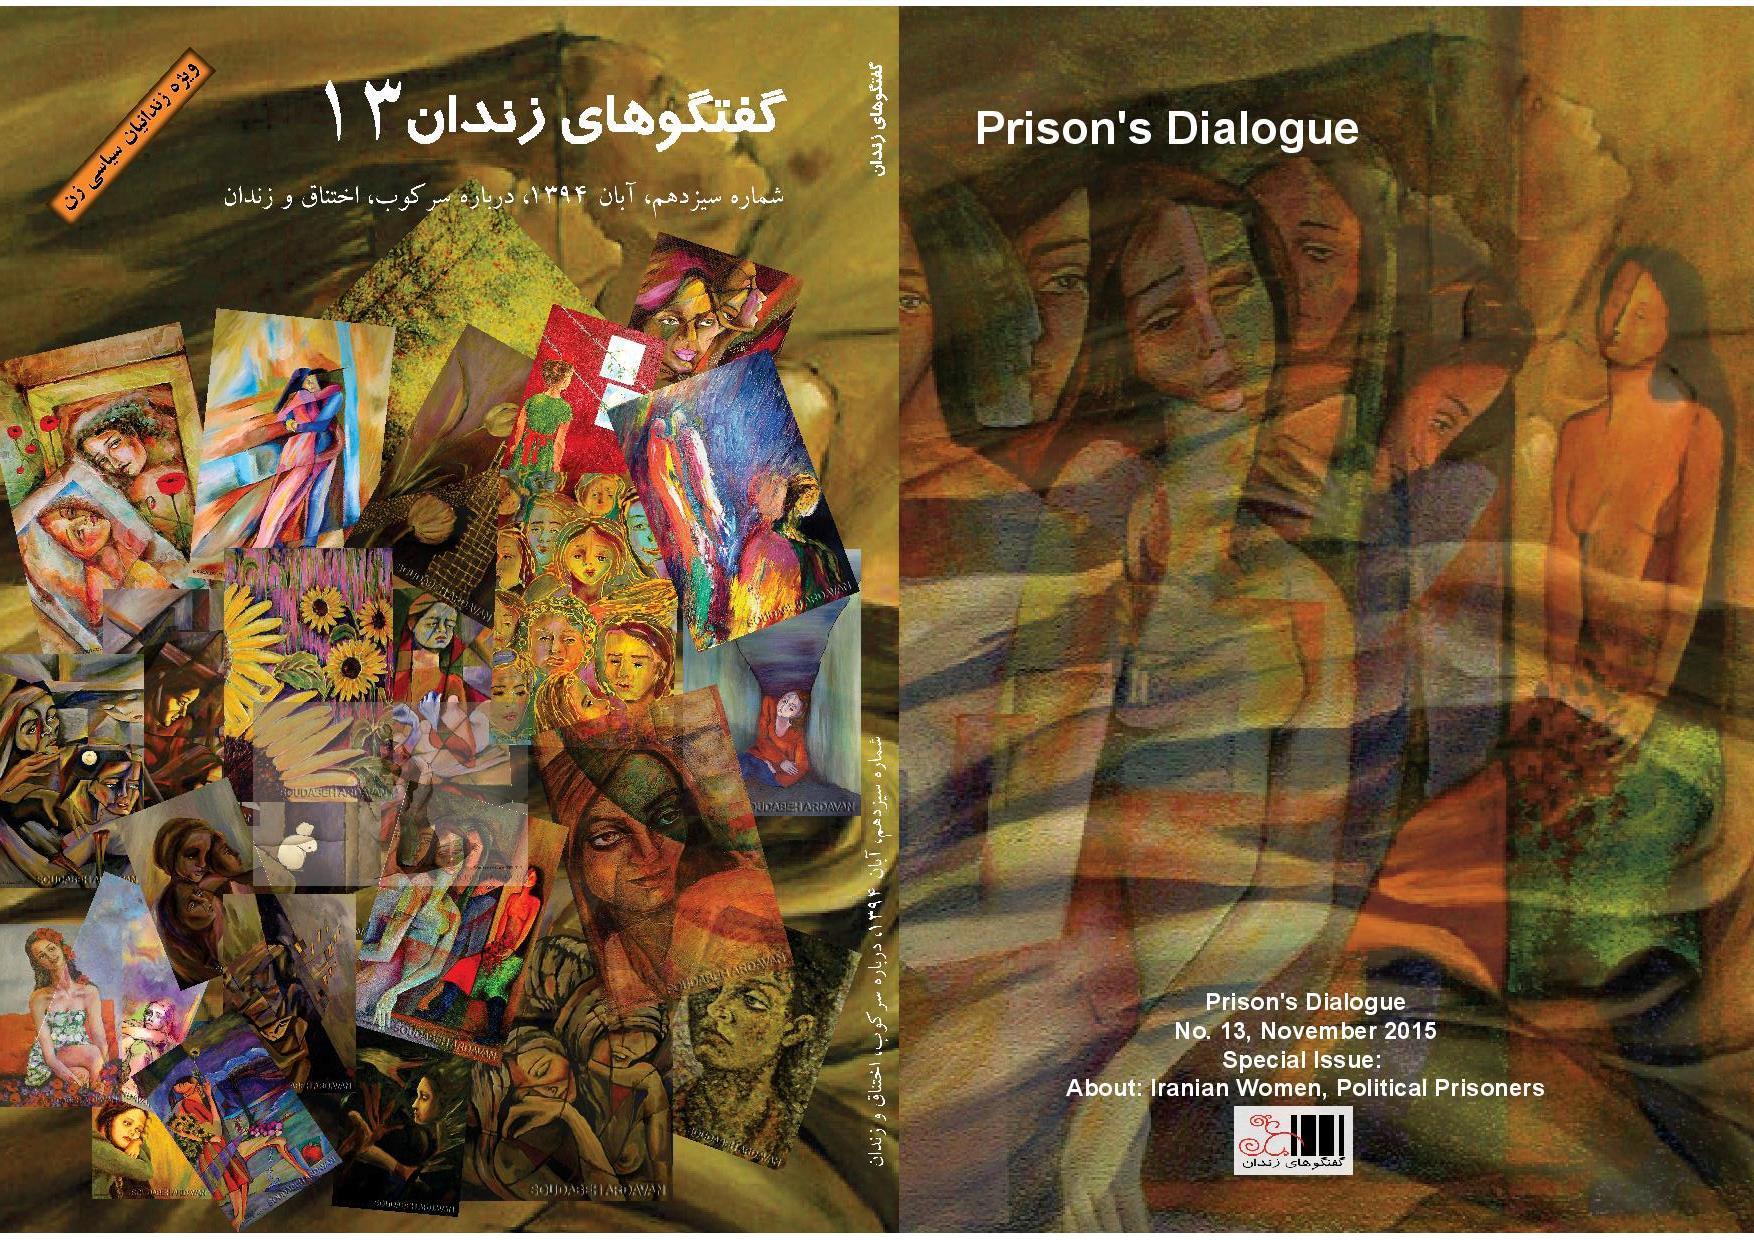 گفتگوهاي زندان، شماره سیزدهم، ويژه زندانيان سياسي زن